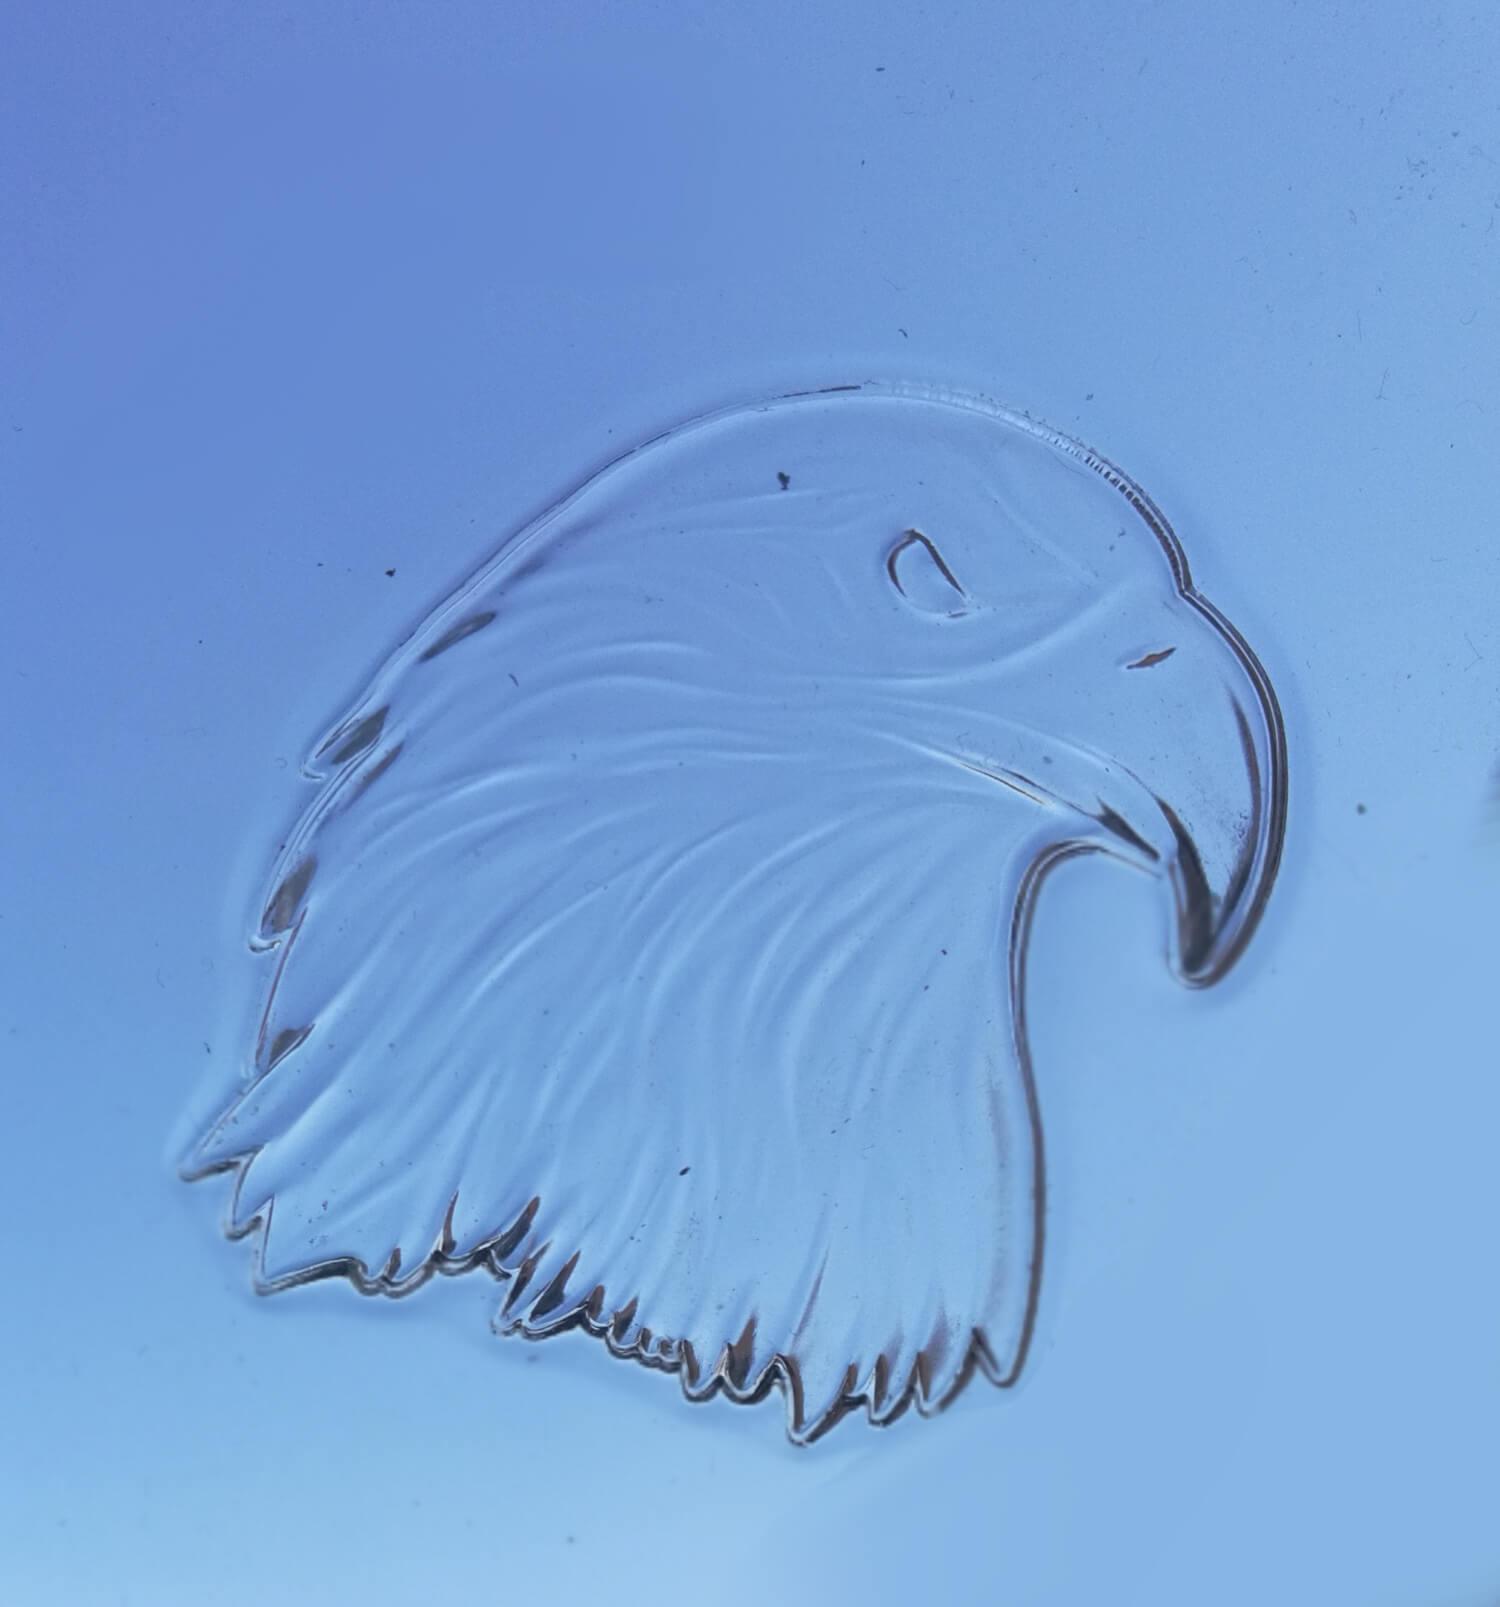 Reliéfní tvarování akrylátu (plexi)